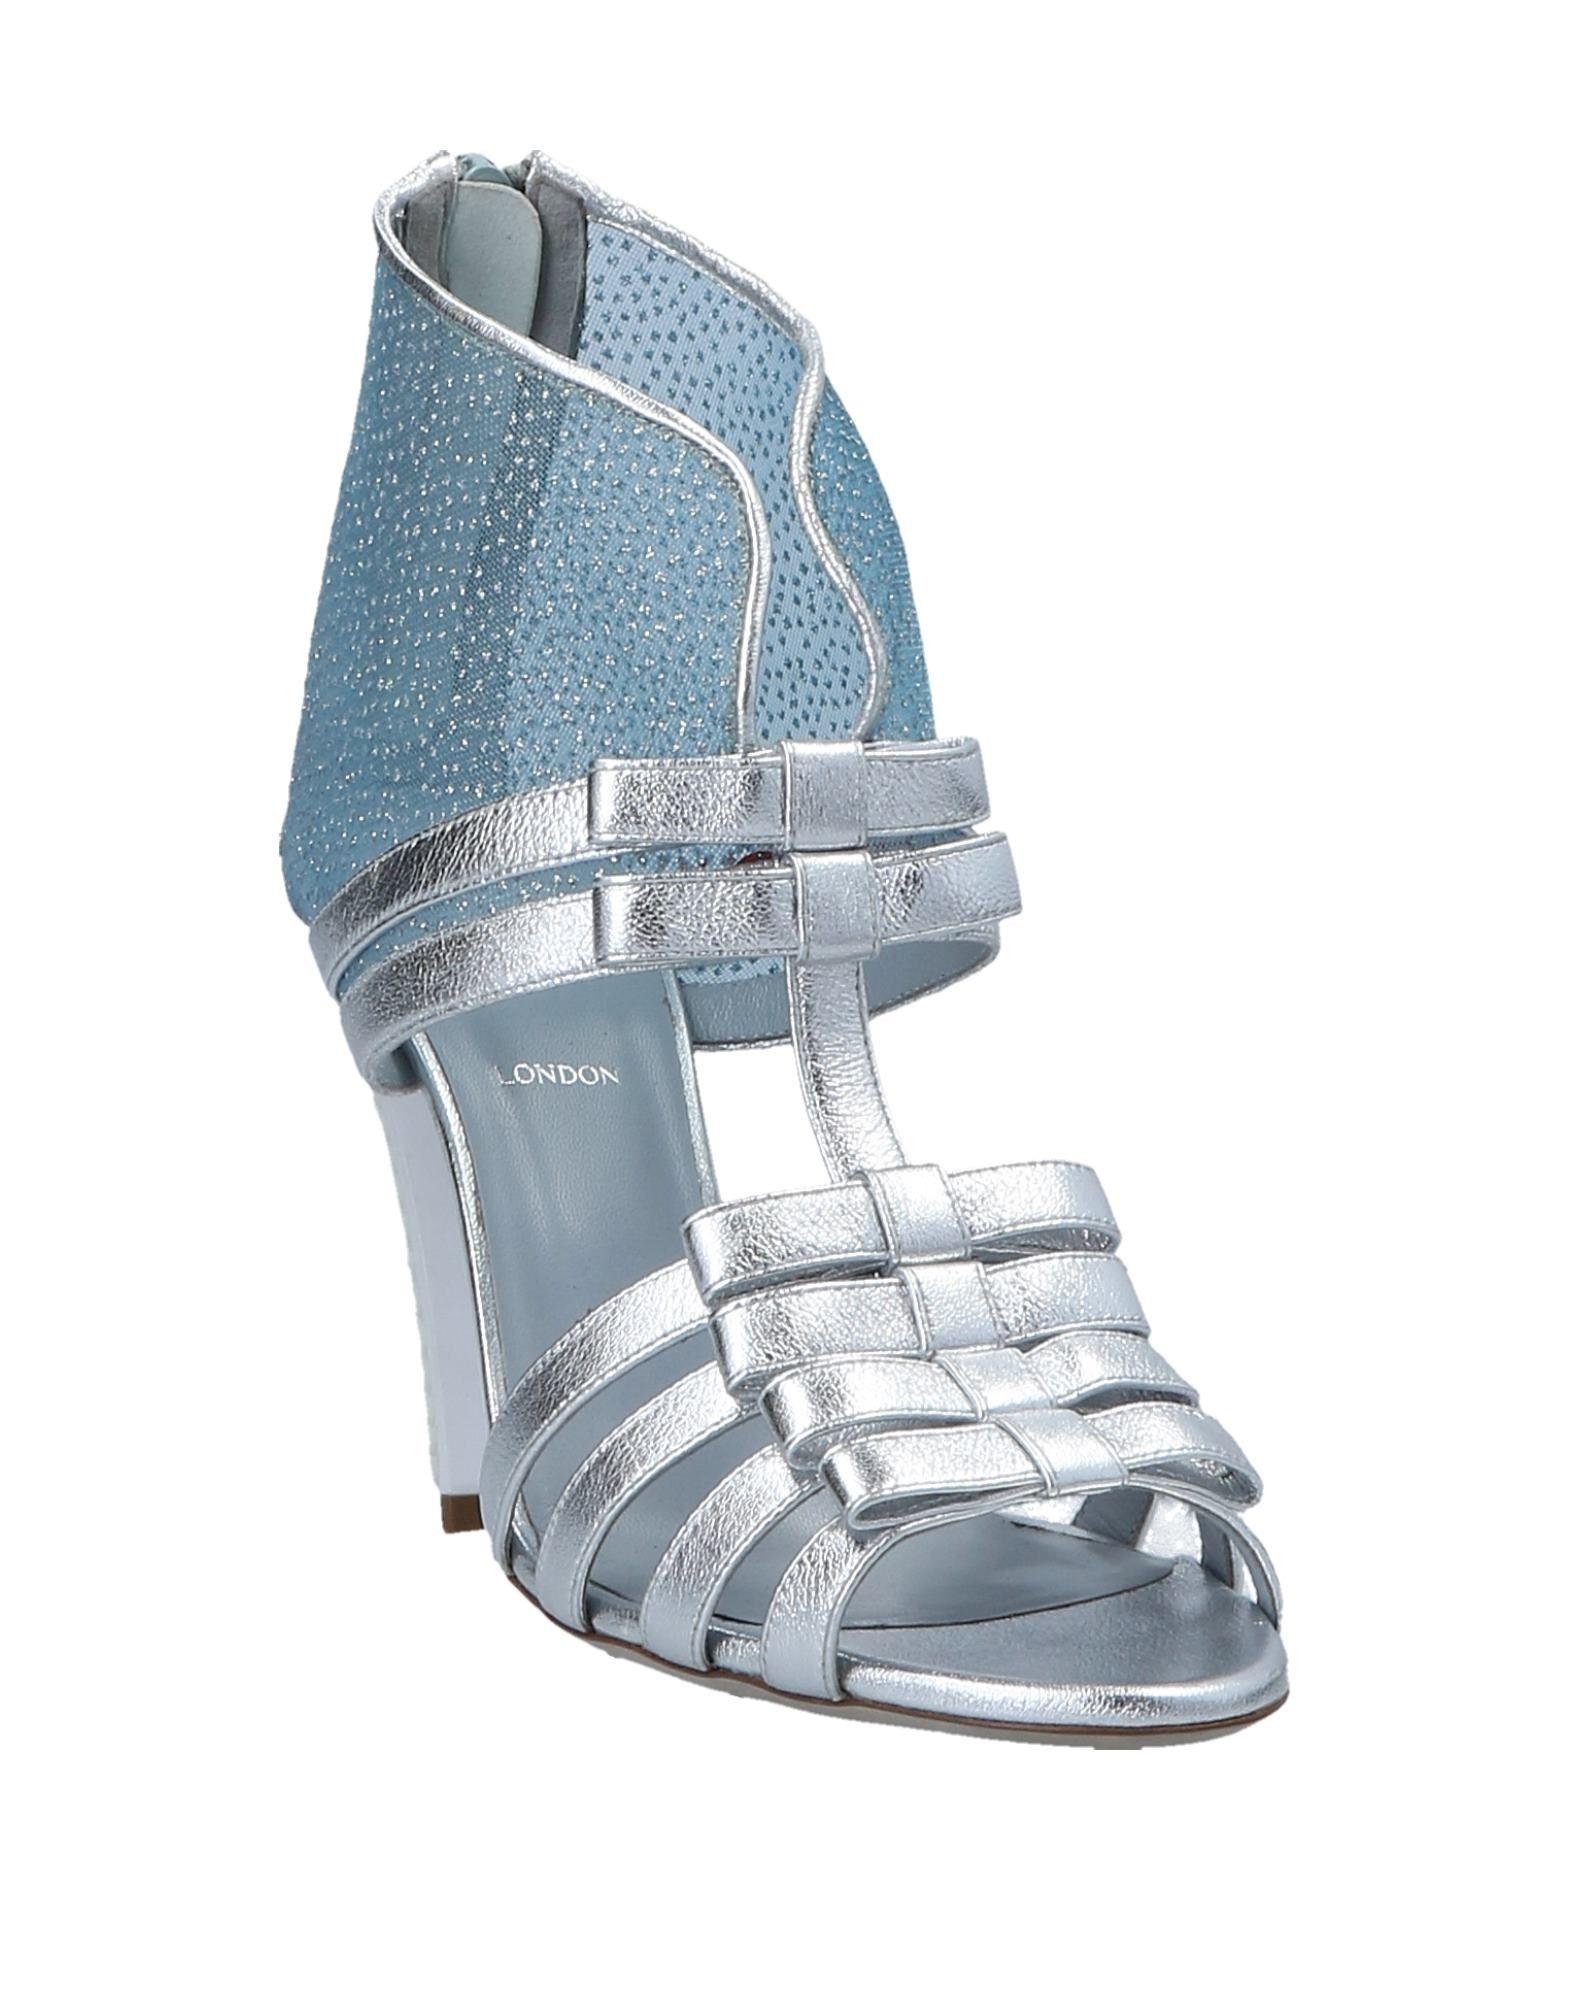 Rayne Sandalen Damen  11556469LHGünstige Schuhe gut aussehende Schuhe 11556469LHGünstige ff44e5